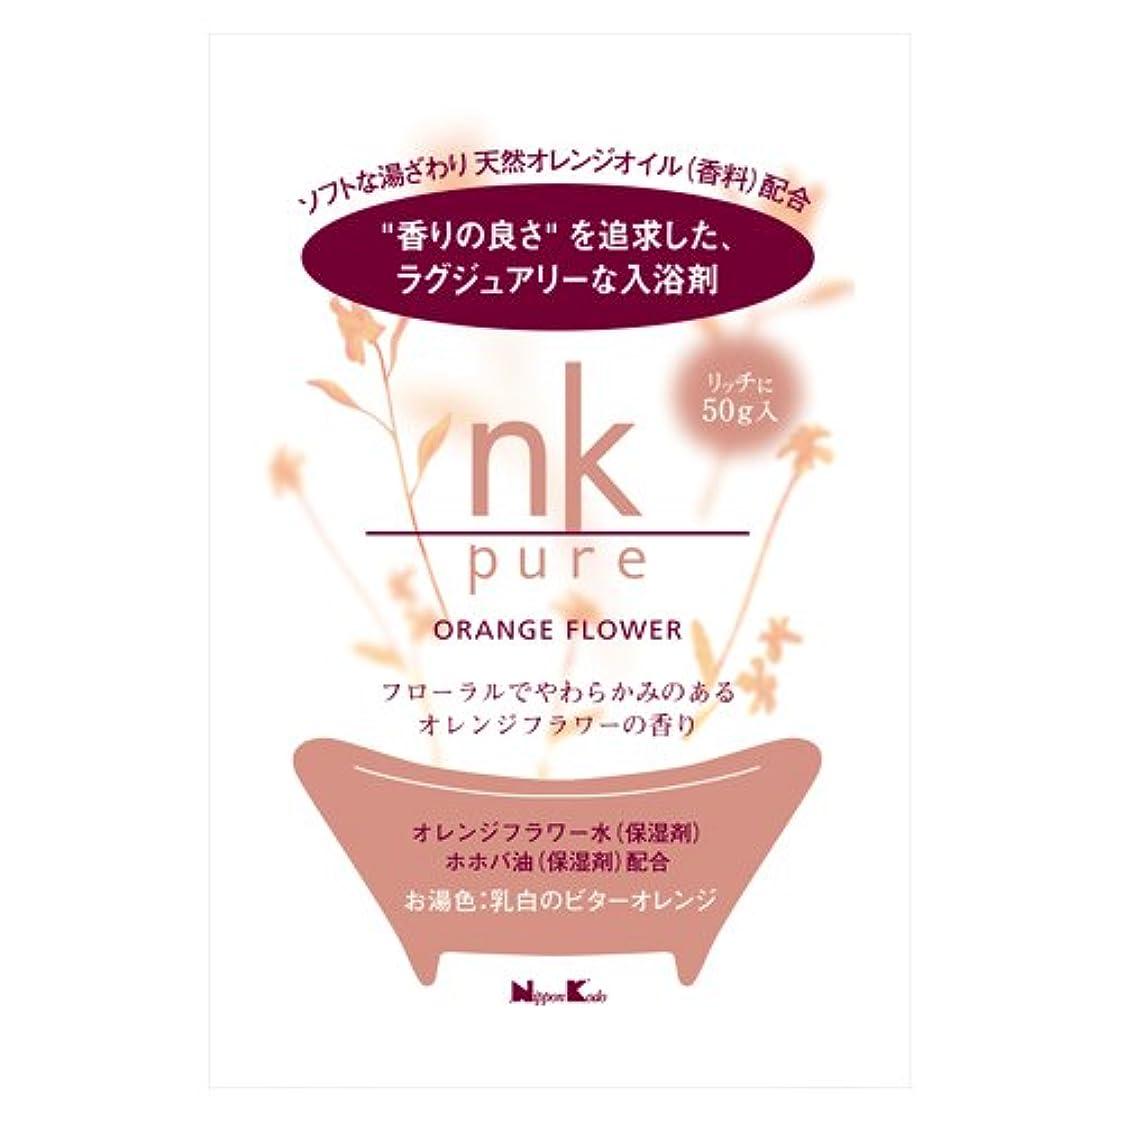 帝国主義に負けるバルブ【X10個セット】 nk pure 入浴剤 オレンジフラワー 50g